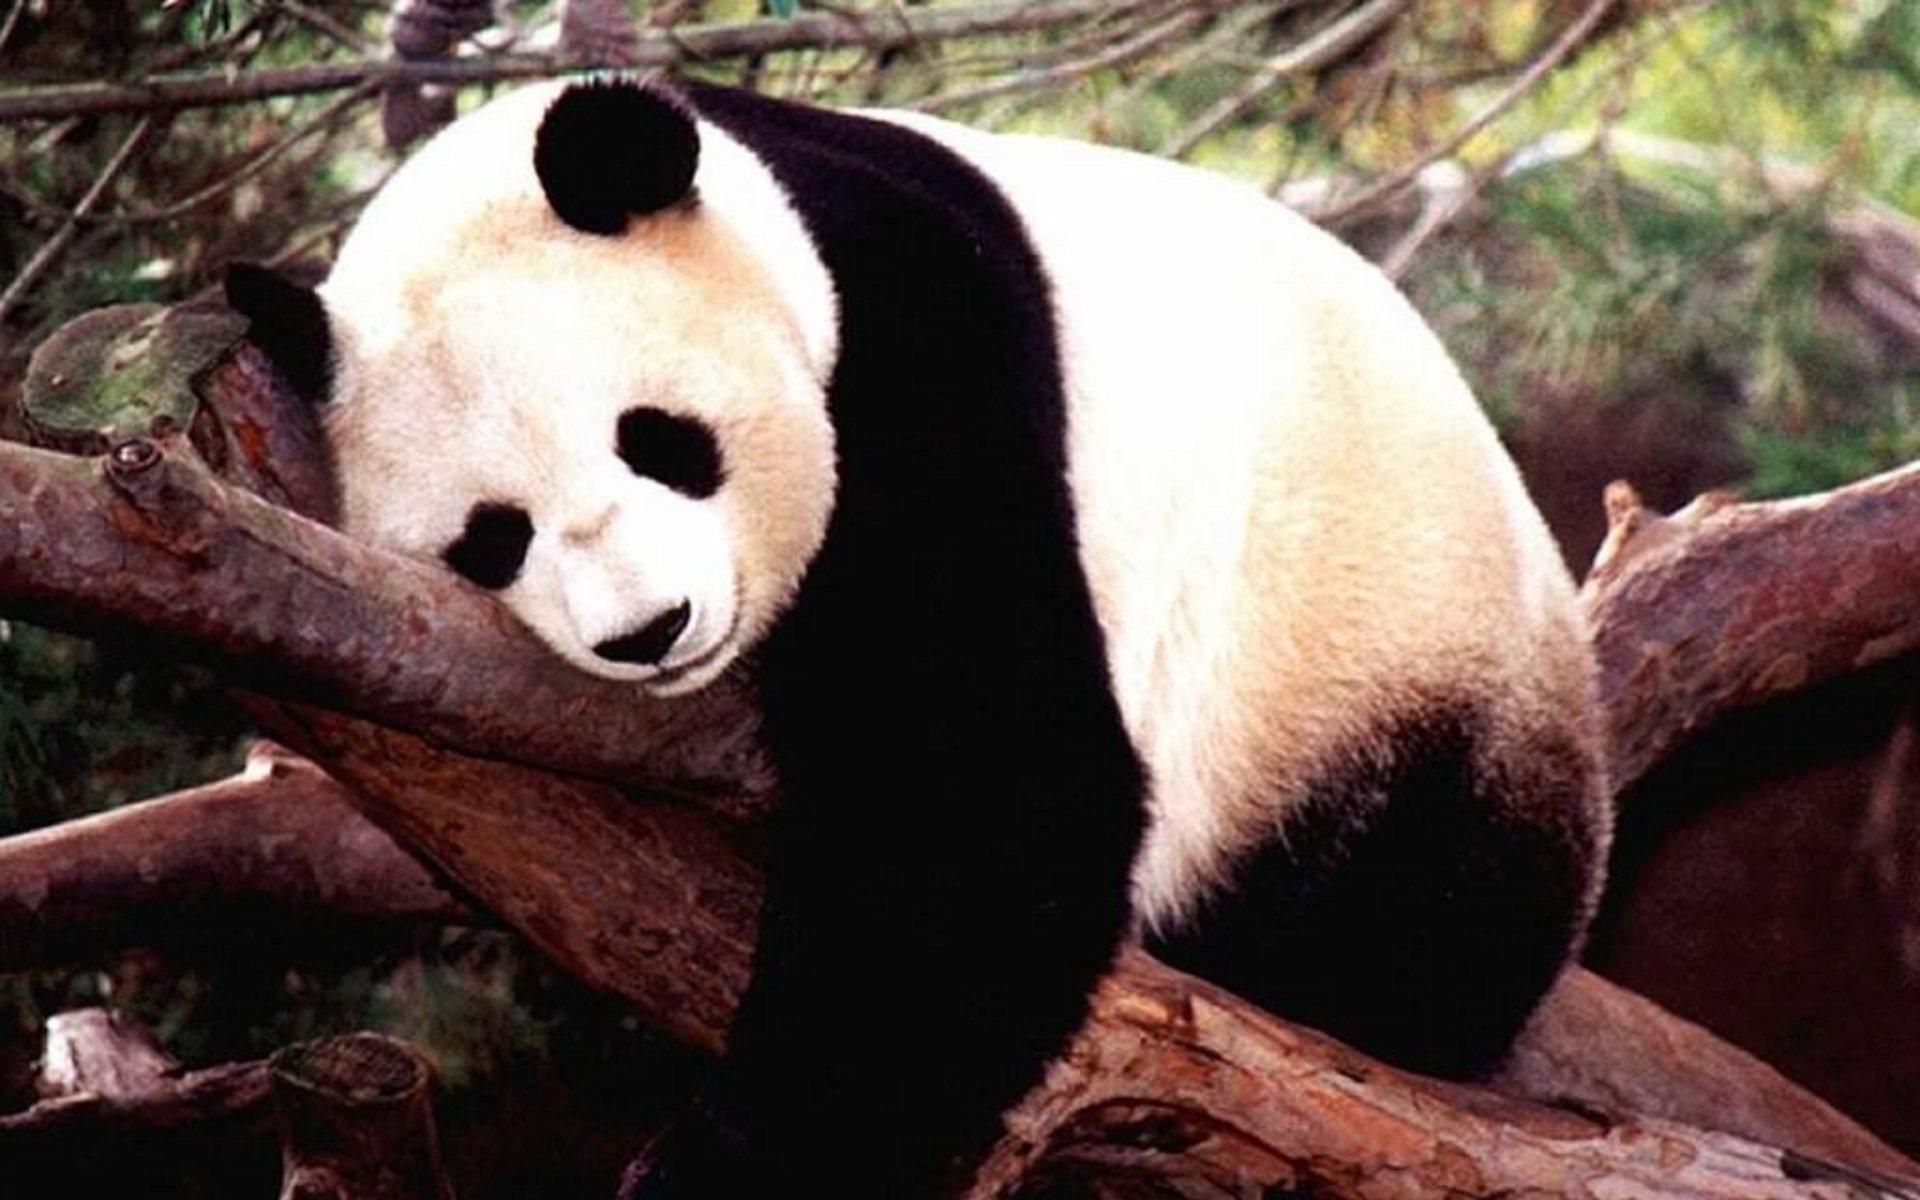 cute panda wallpapers 9366 1920x1200jpgpanda20cute201920x1200 1920x1200